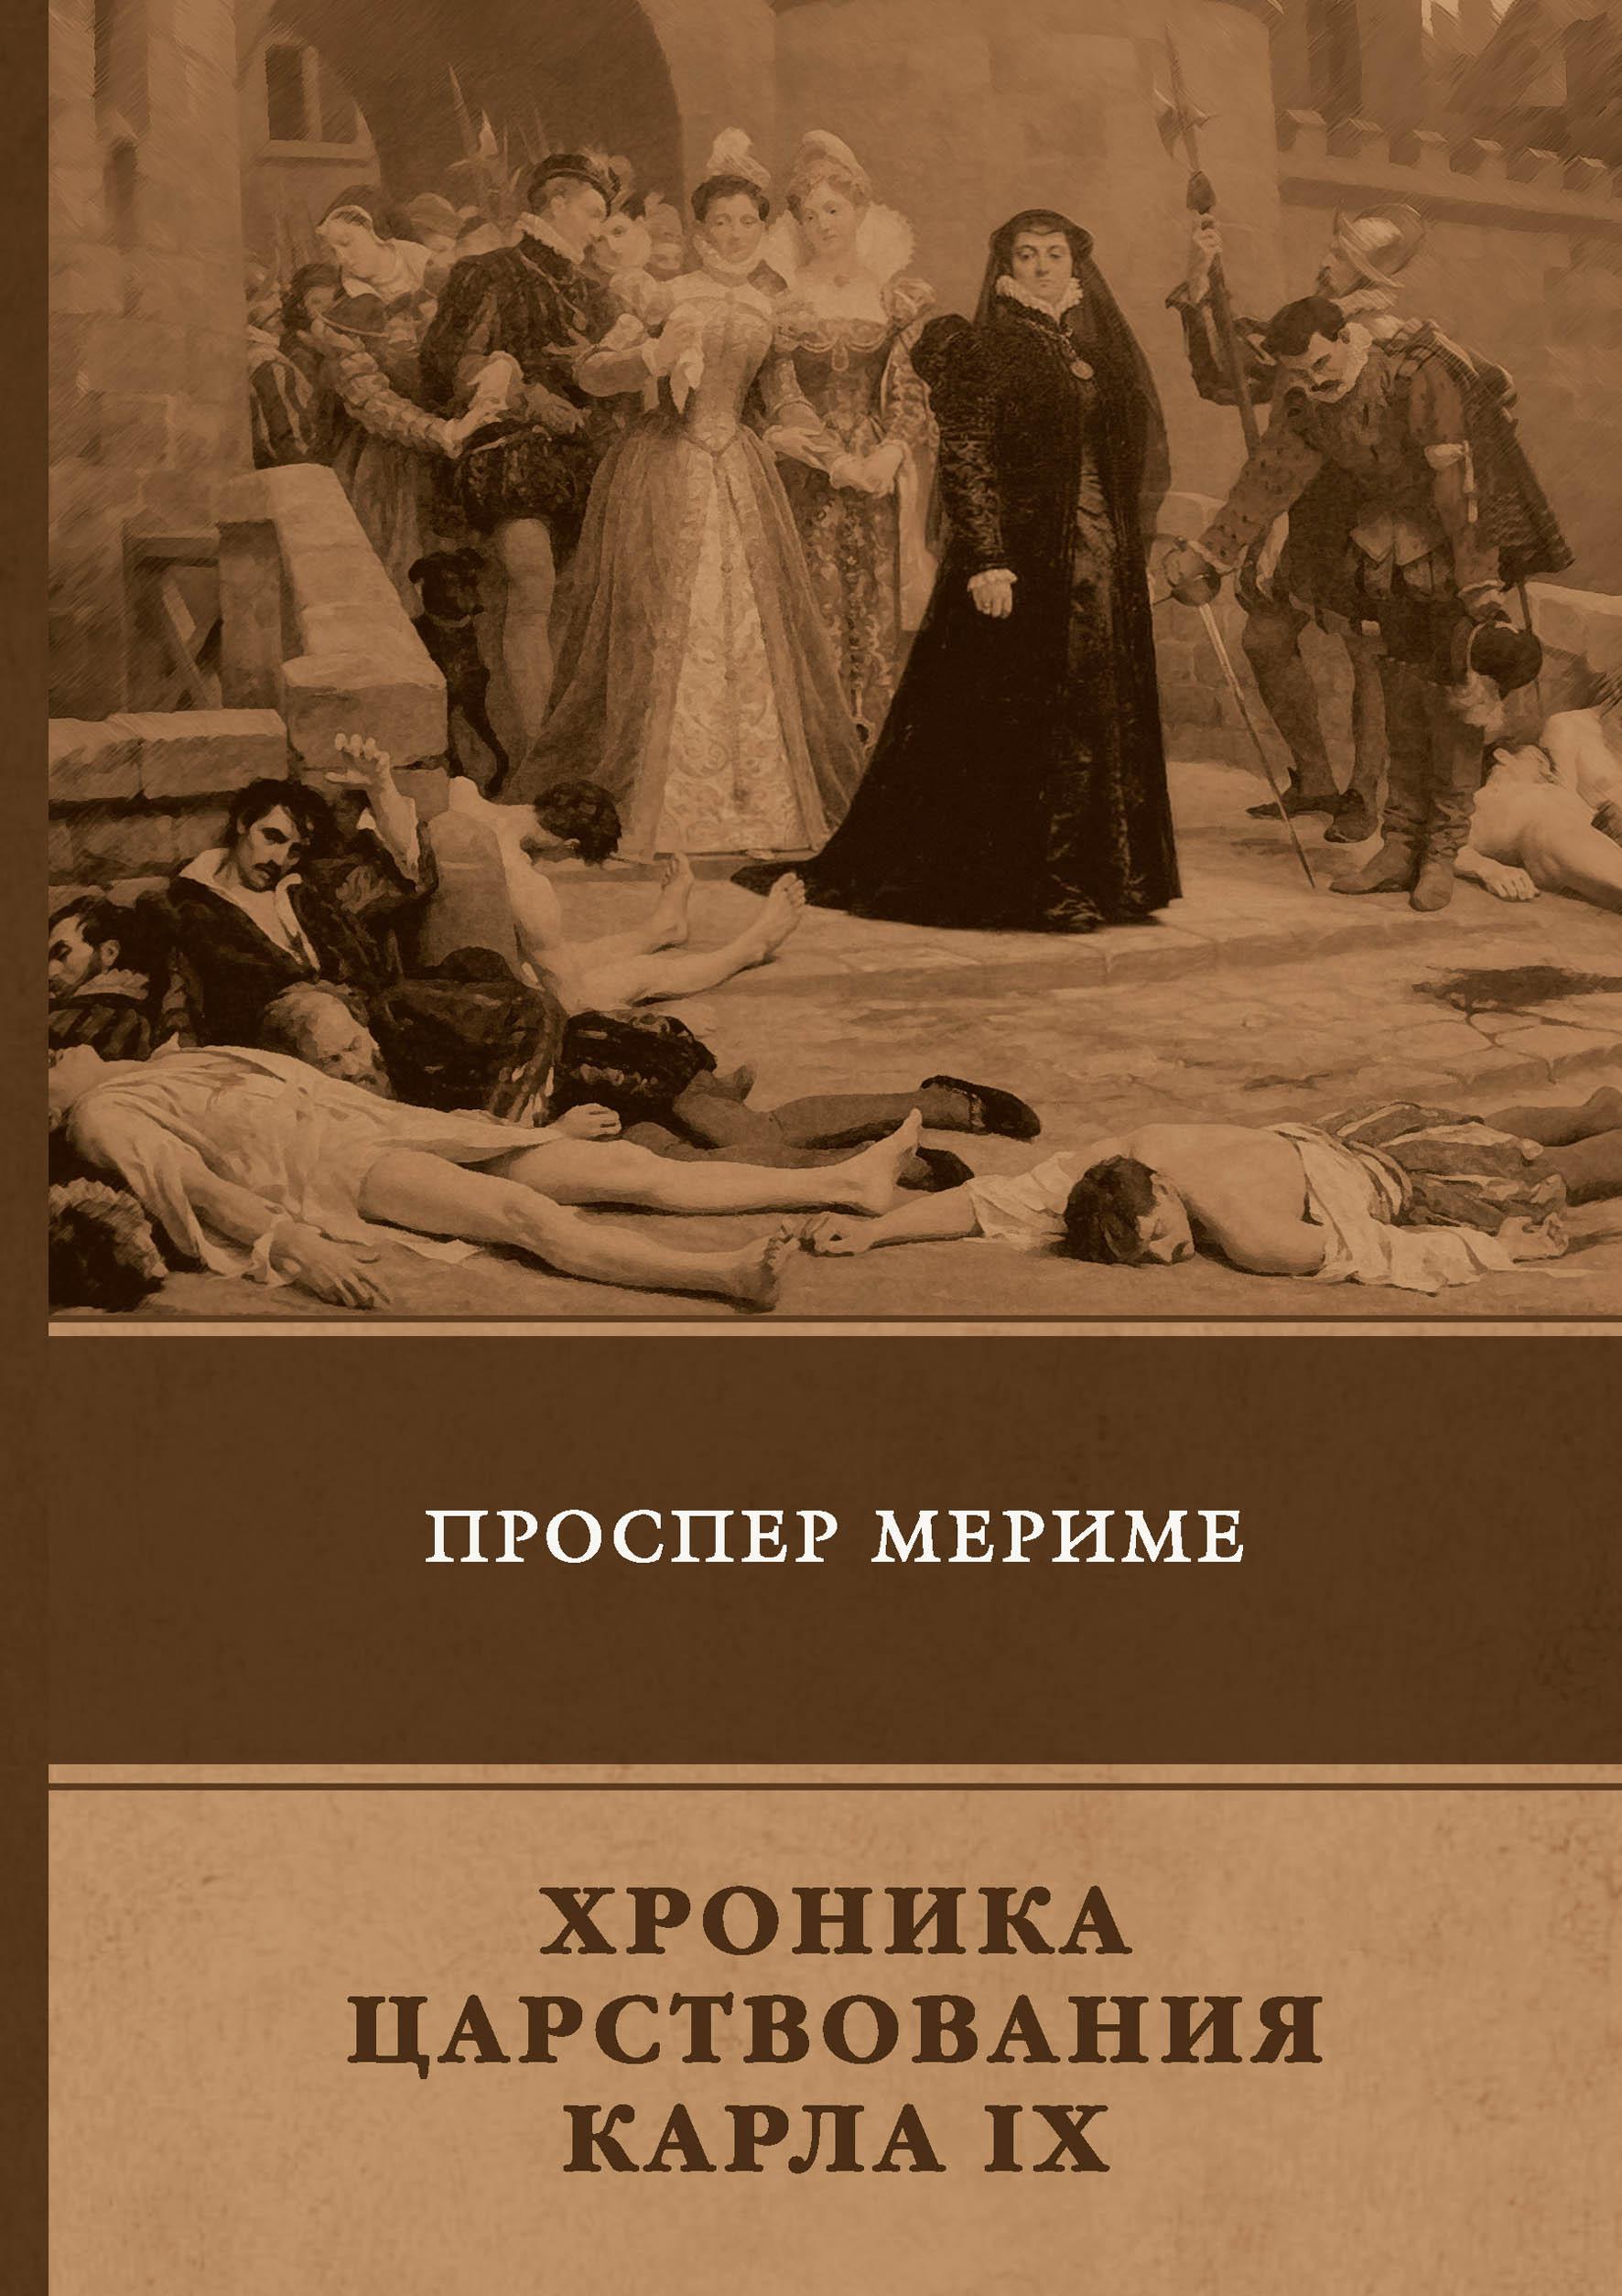 Проспер Мериме. Хроника царствования Карла IX | Мериме Проспер